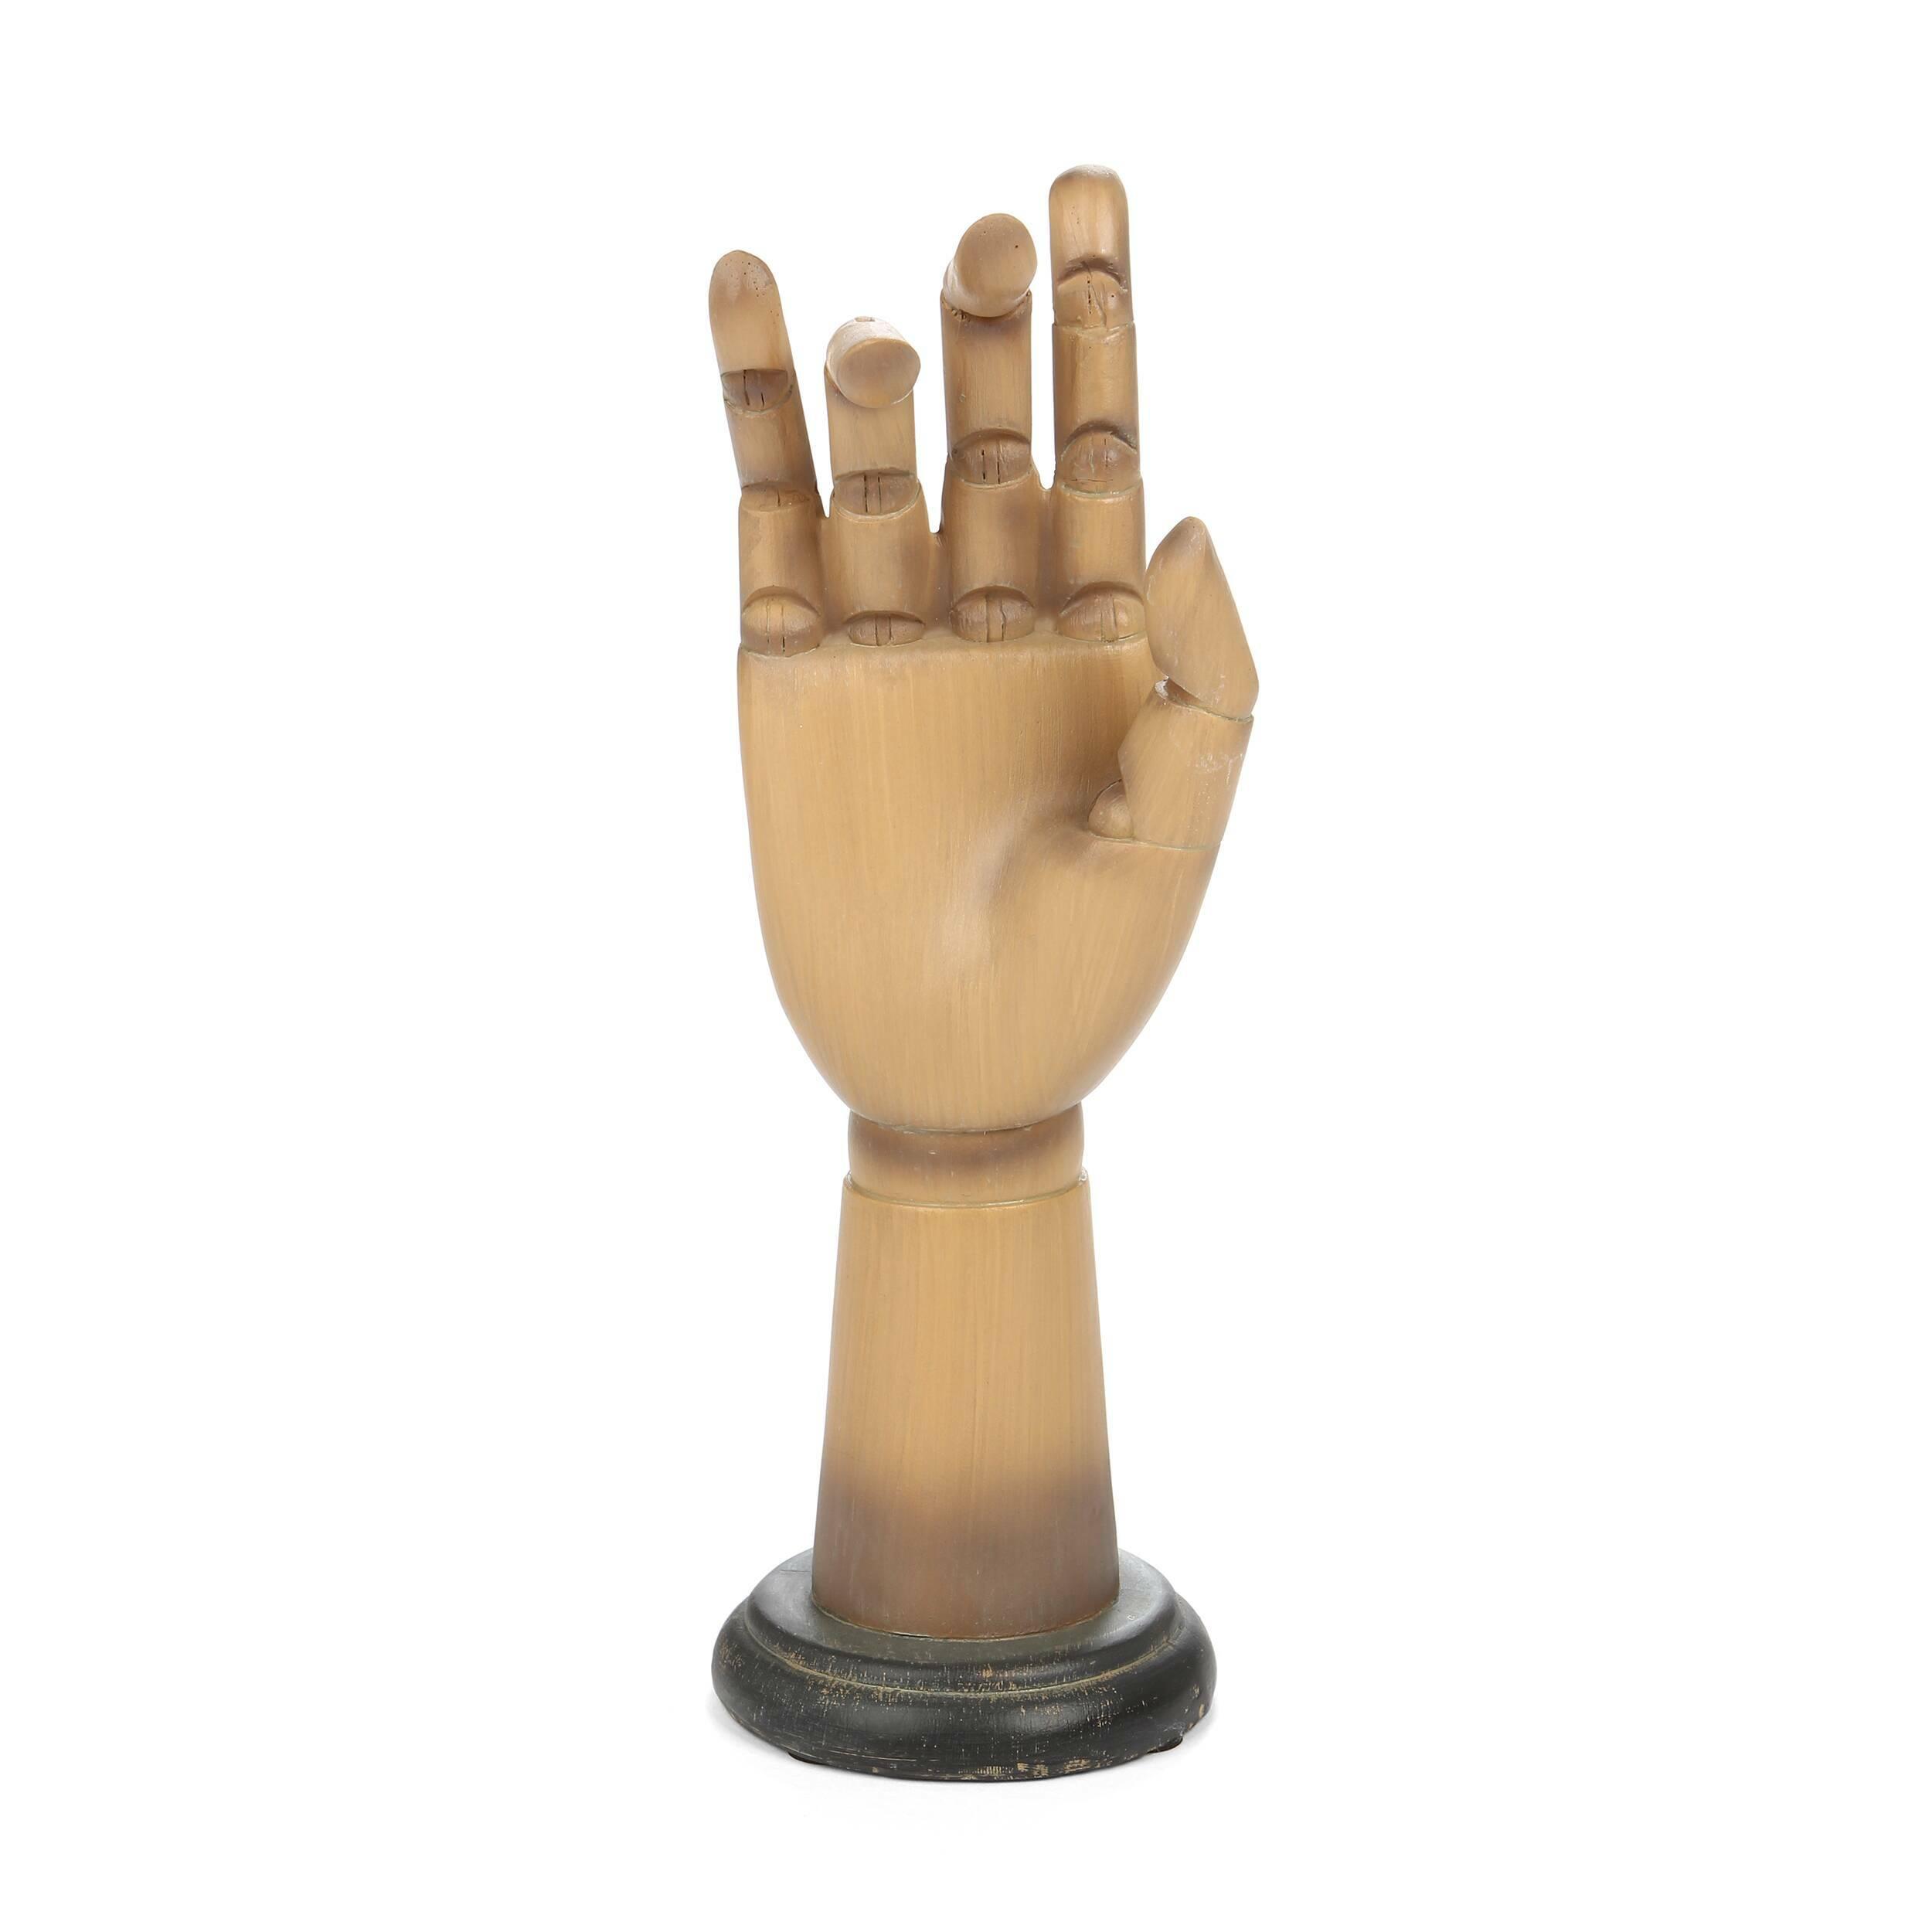 Статуэтка Jewelry Stand 1Настольные<br>Дизайнерская коричневая статуэтка Jewelry Stand (Юверли Стэнд) из смолы в форме руки от Cosmo (Космо).<br><br><br> Во все времена предметы декорирования комнат могли быть не просто прекрасным украшением помещения, но и имели весьма практичный характер. Особенно это касается представительниц прекрасного пола, которые из любого декора и из любой мелочи могут сделать нужную и практичную вещь. Именно такой является статуэтка Jewelry Stand 1.<br><br><br> Статуэтка Jewelry Stand 1 не только интересный элеме...<br><br>stock: 2<br>Высота: 30.7<br>Ширина: 10.5<br>Материал: Смола<br>Цвет: Коричневый<br>Длина: 11.8<br>Цвет дополнительный: Черный